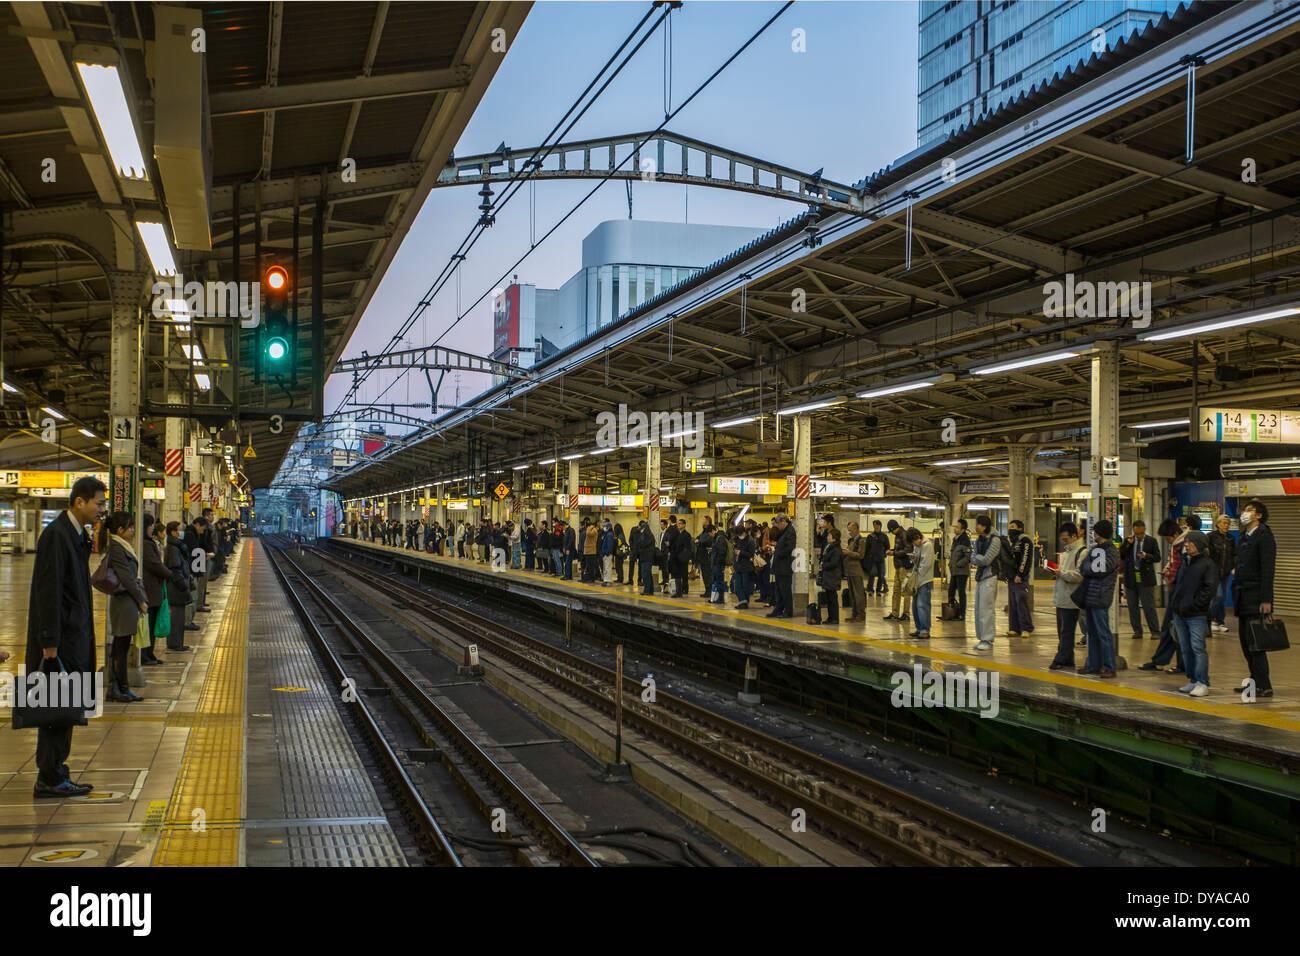 Japón, Asia, Tokio, Akihabara, la ciudad, el trayecto, la hora punta, la gente, temprano en la mañana, el orden, Foto de stock